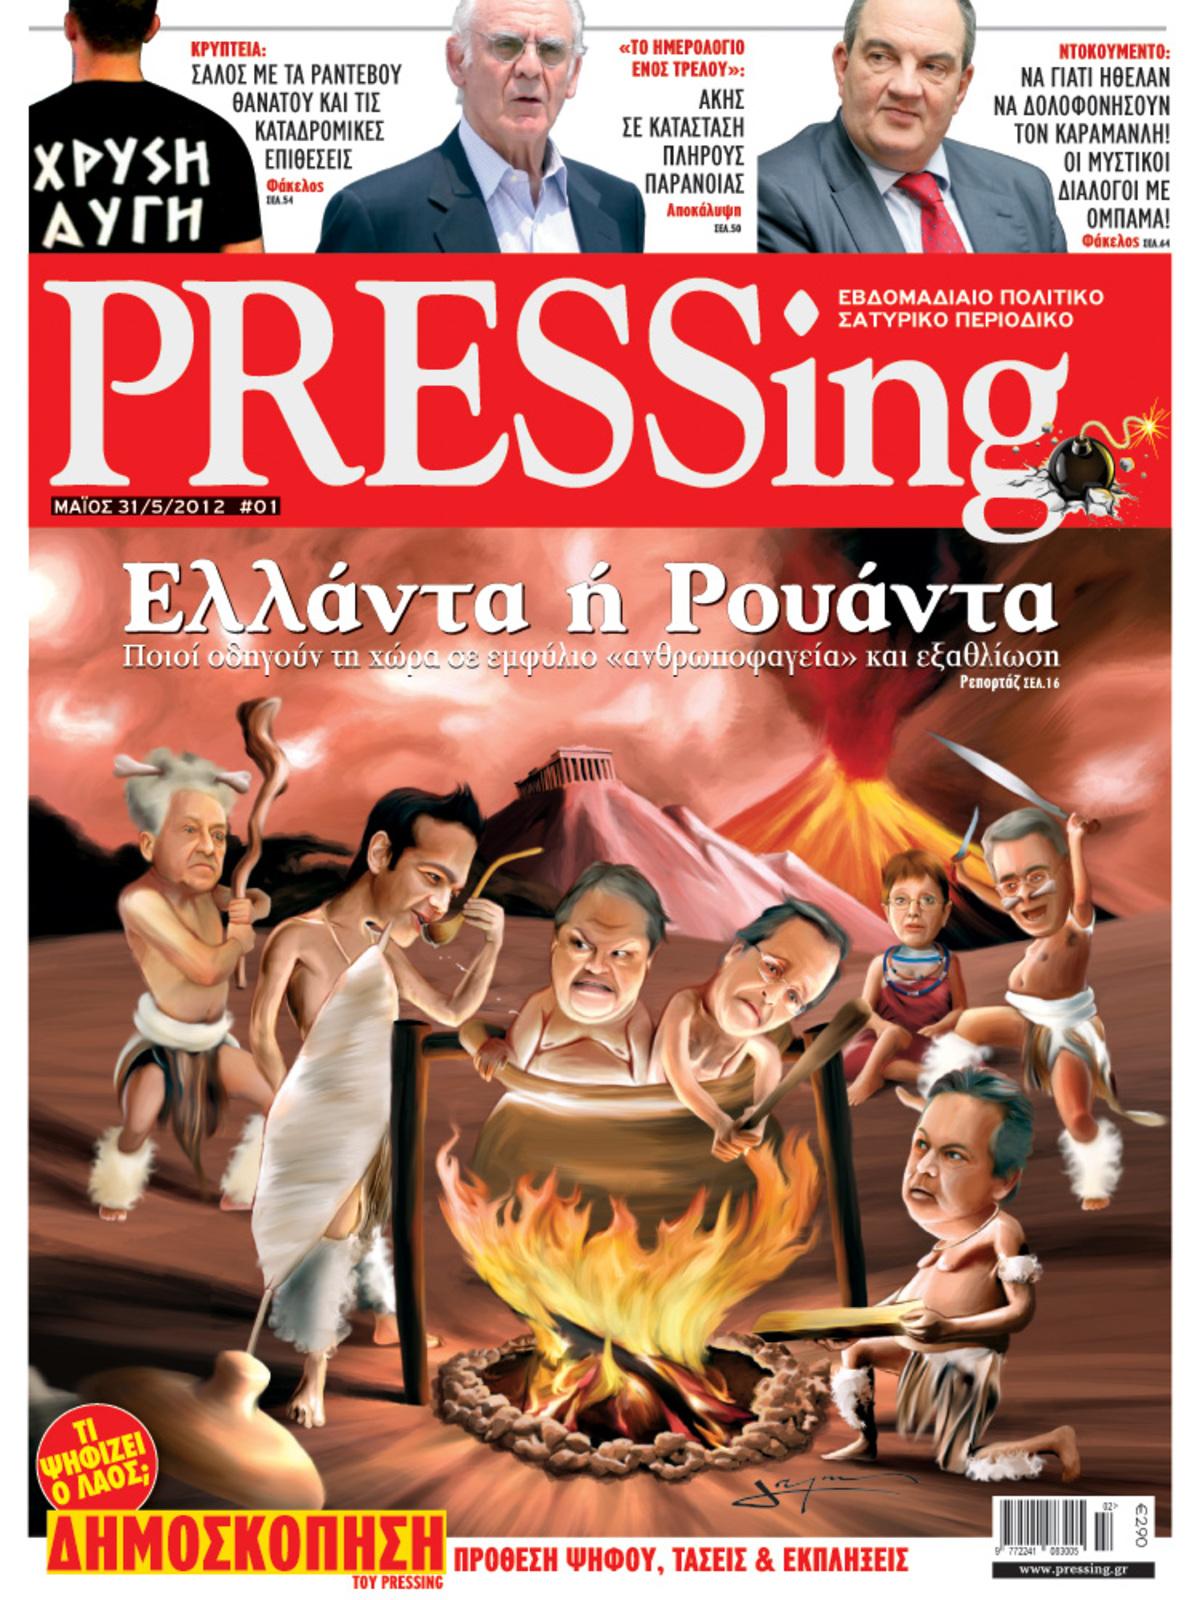 Πρώην εργαζόμενοι της «Απογευματινής» έπιασαν δουλειά και ασκούν… pressing! | Newsit.gr